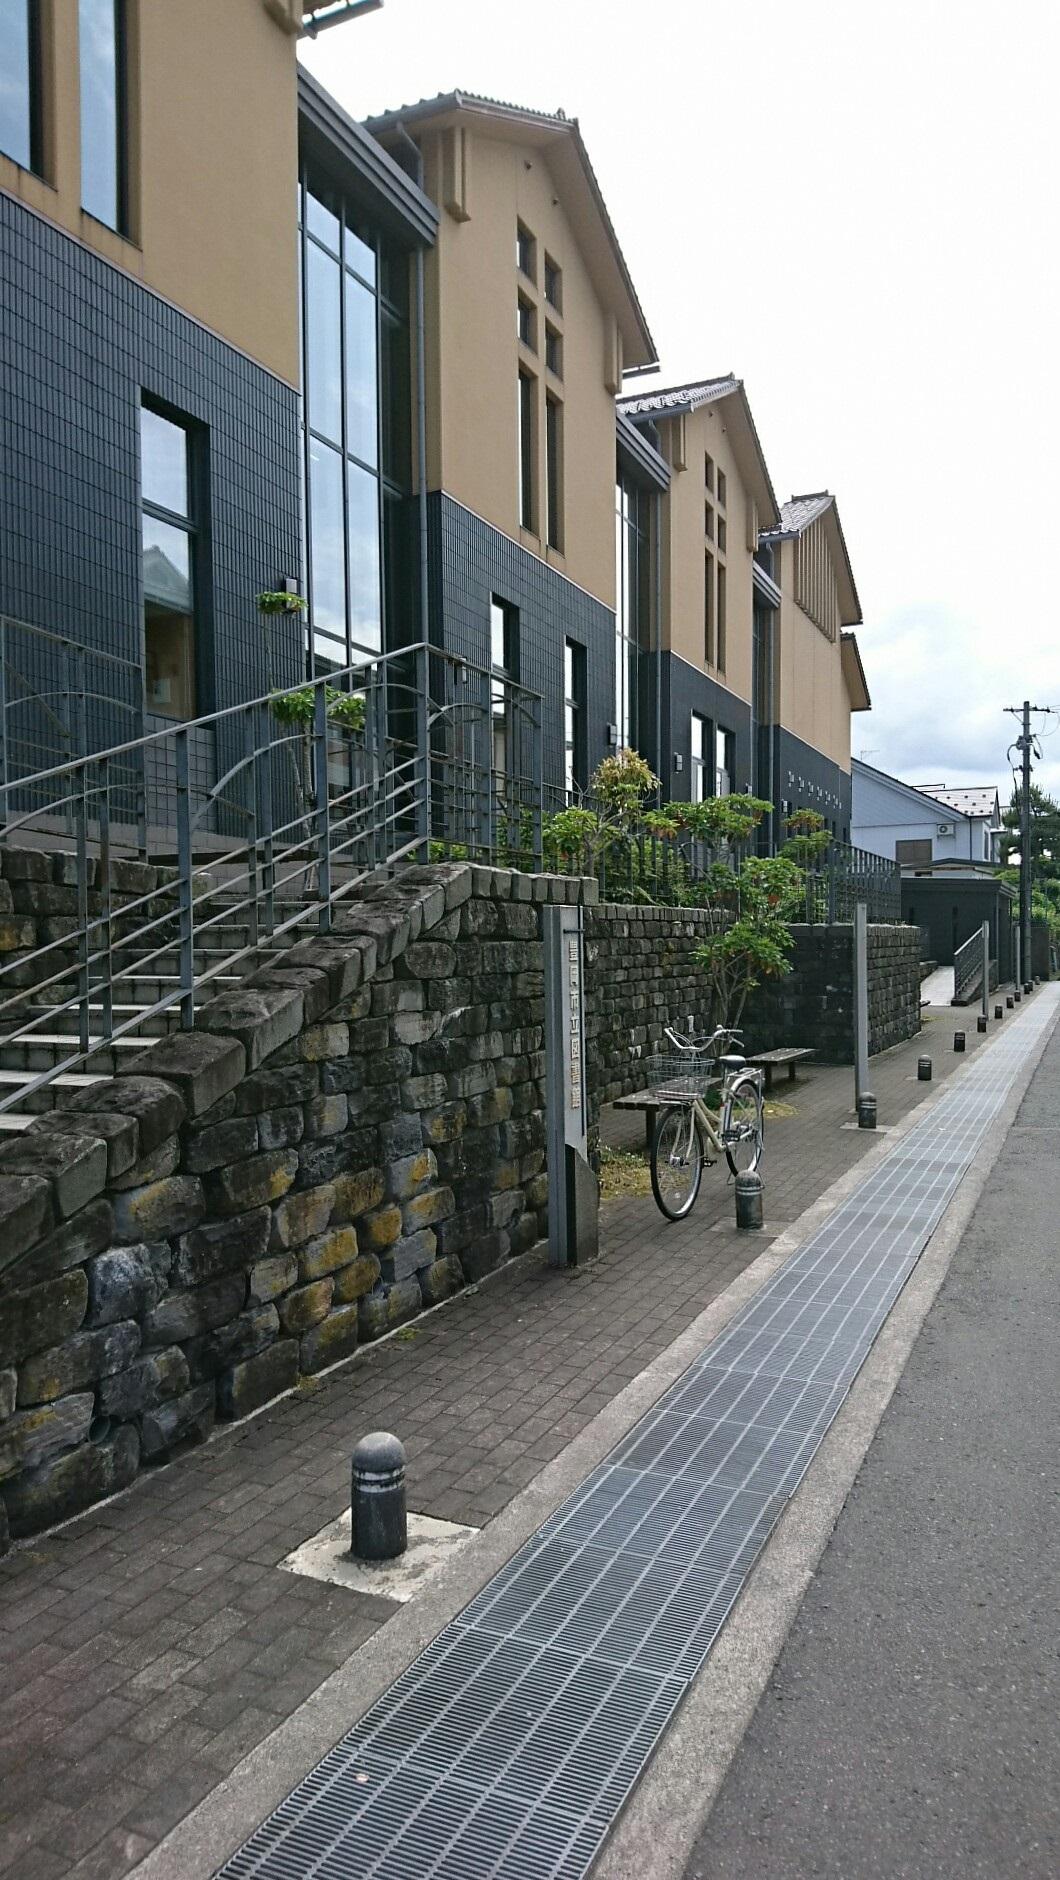 2017.6.3 豊岡 (97) 豊岡市立図書館 1060-1880